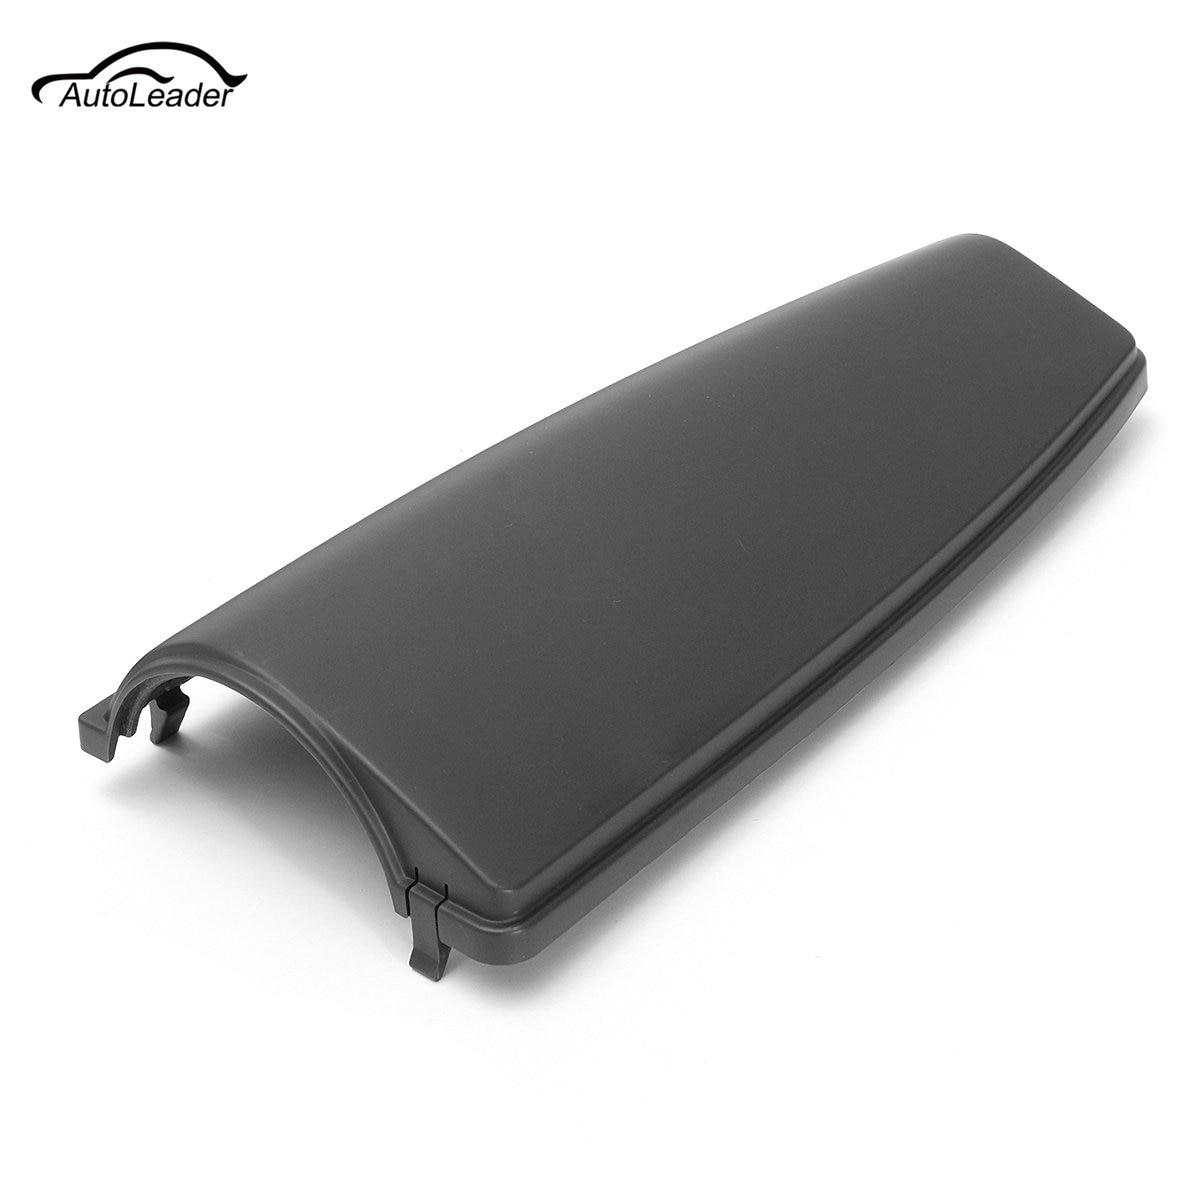 Czarny kanał wlotowy powietrza pokrywa pokrywa 1K0805965J9B9 1K0805965J dla VW Golf Jetta MK5 MK6 Passat B6 B7 Tiguan/Audi A3 TT Seat/Skoda